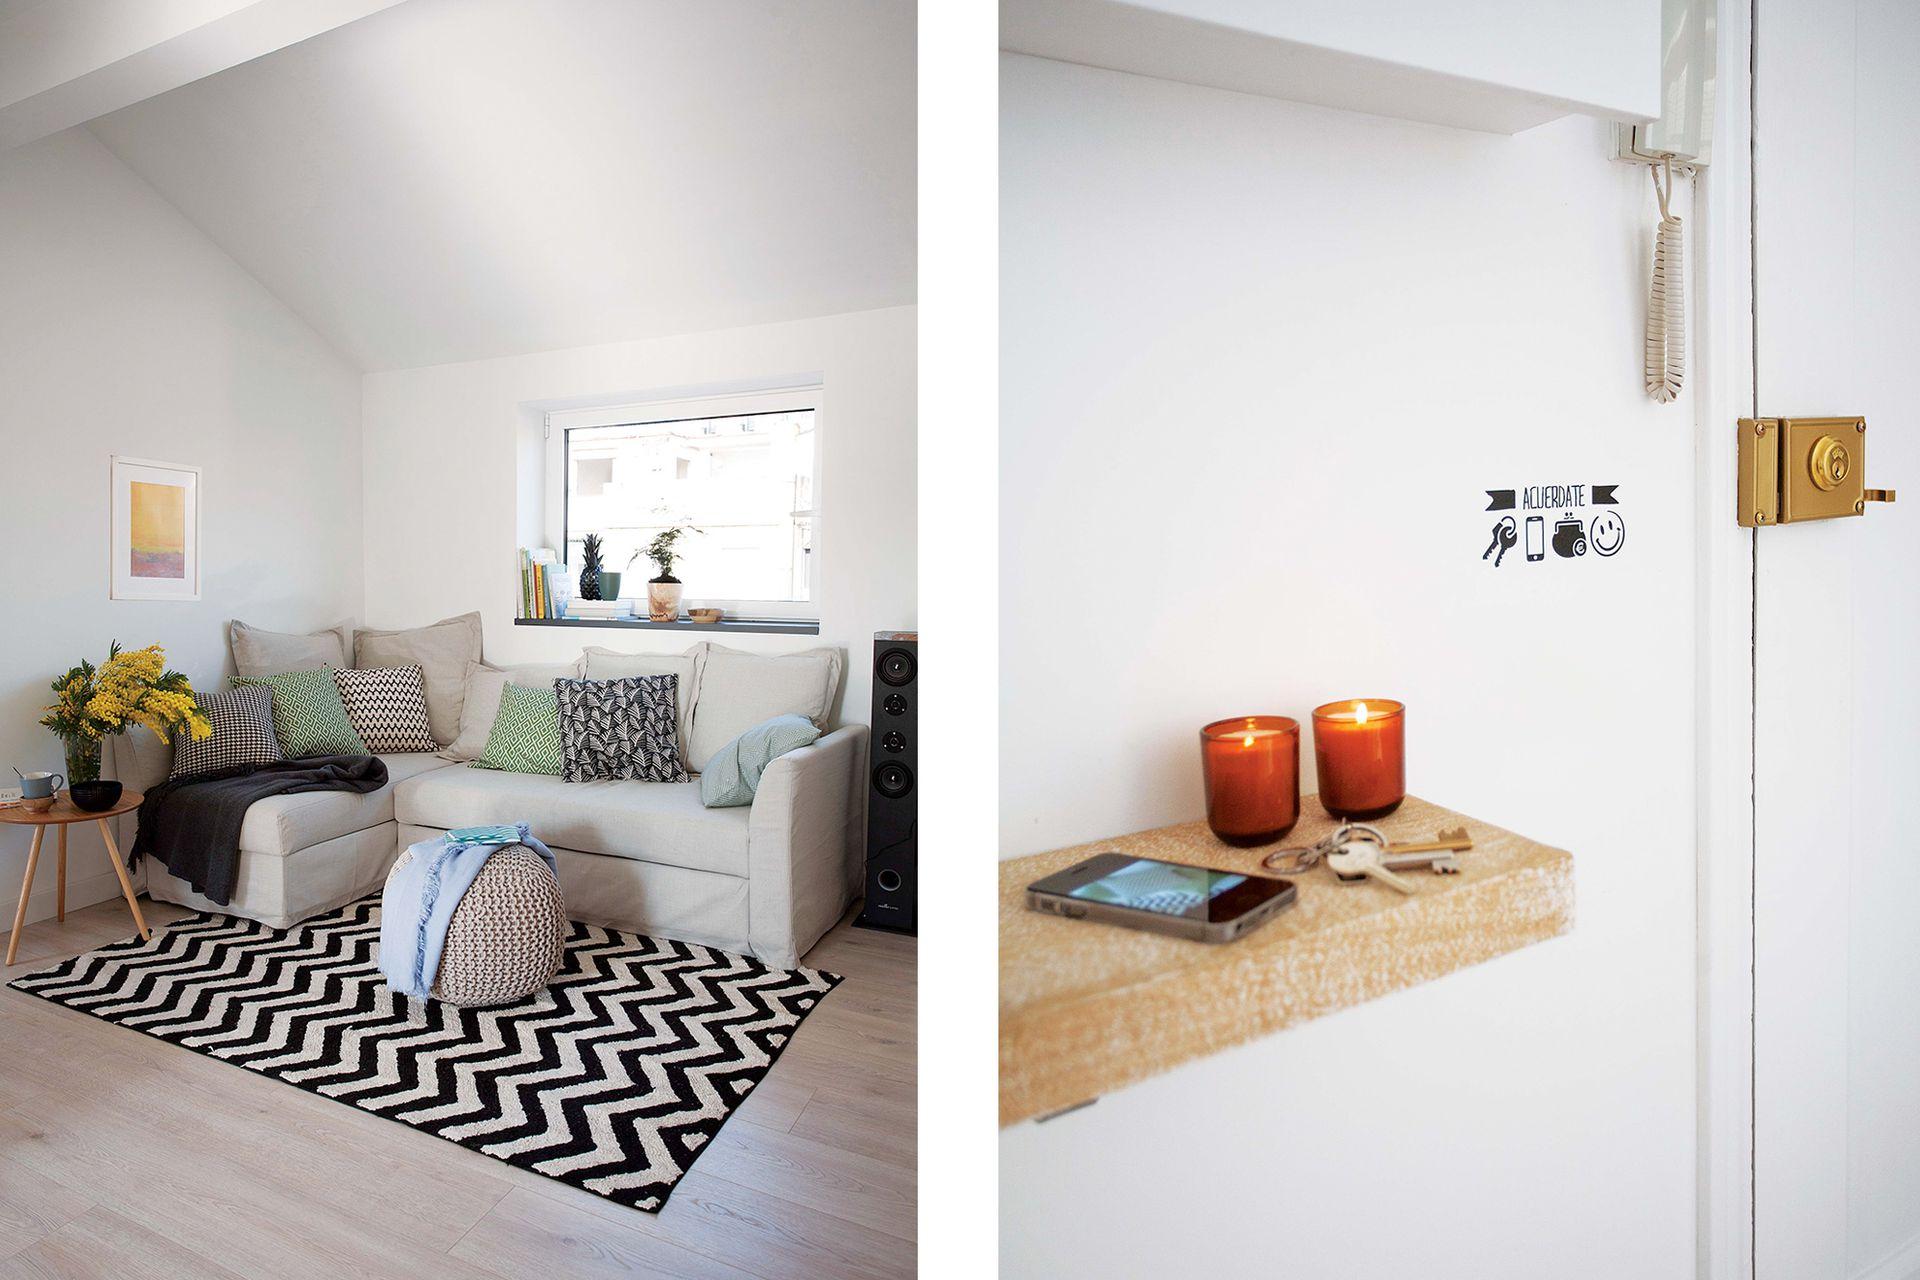 Alfombra (Lorena Canals), sofá en 'L' (Ikea) con almohadones estampados (H&M Home) y manta gris; puf tejido con género de hilo (todo de Zara Home) y bol negro (Armani Casa) sobre una mesa auxiliar de madera (Sacum).